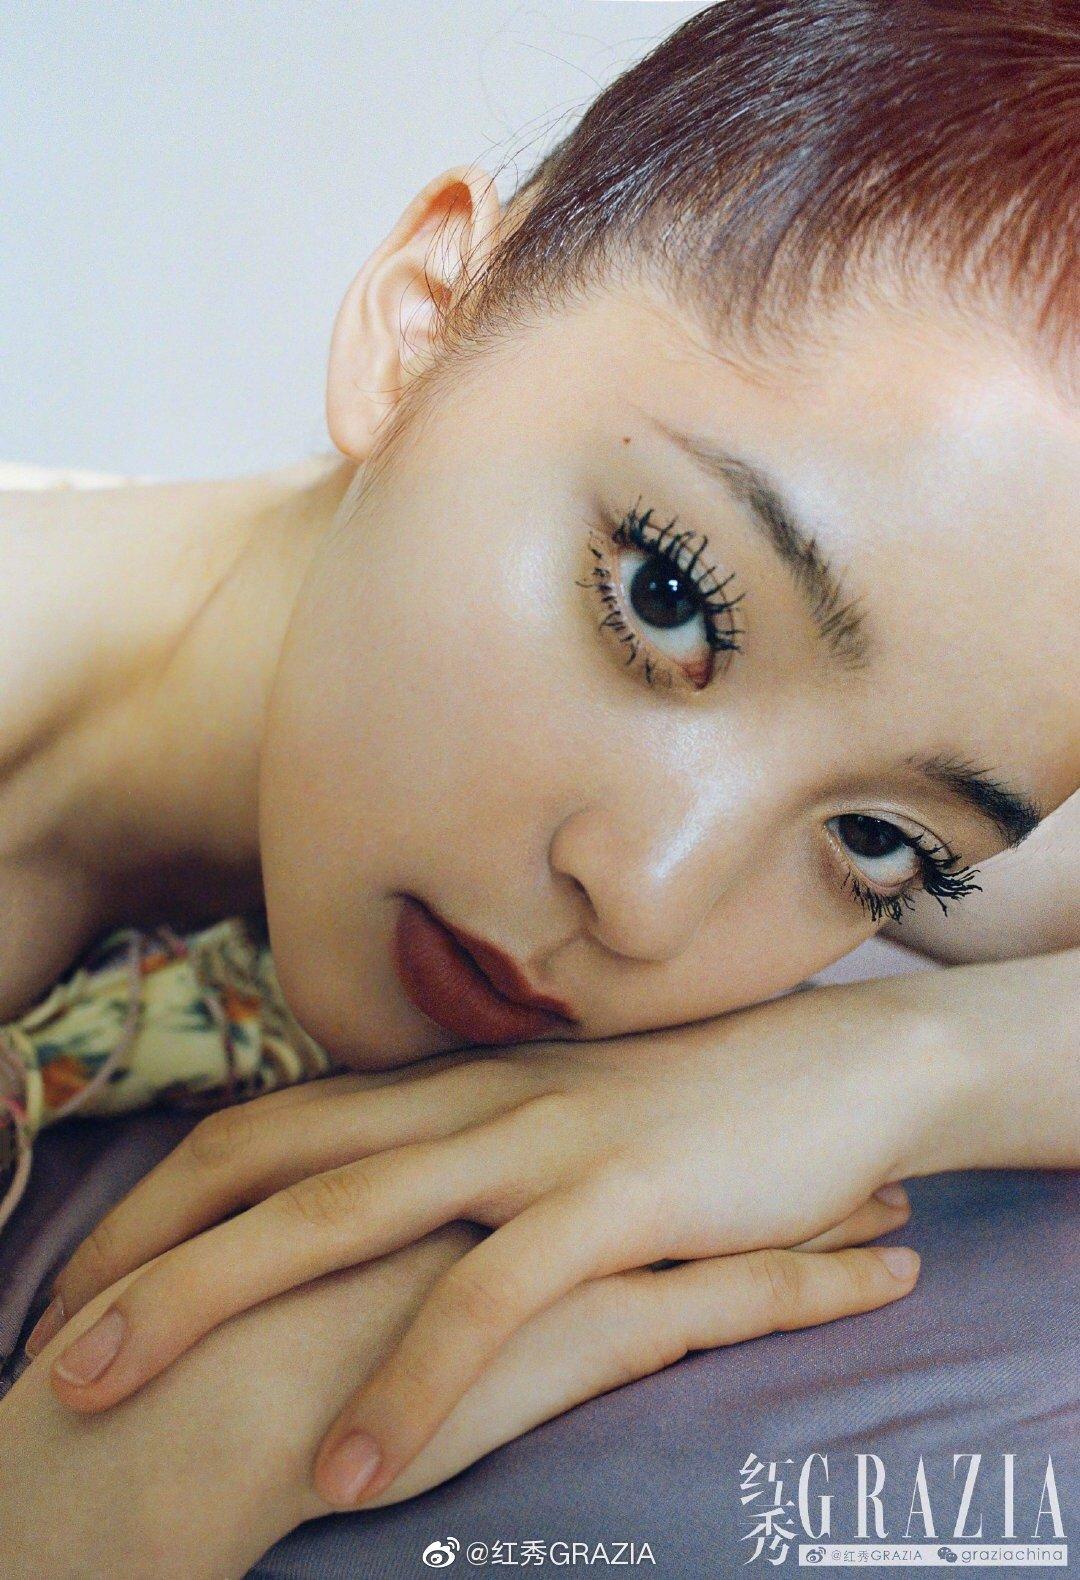 欧阳娜娜《红秀GRAZIA》最新封面 苍蝇腿睫毛人生不设限尝试不同